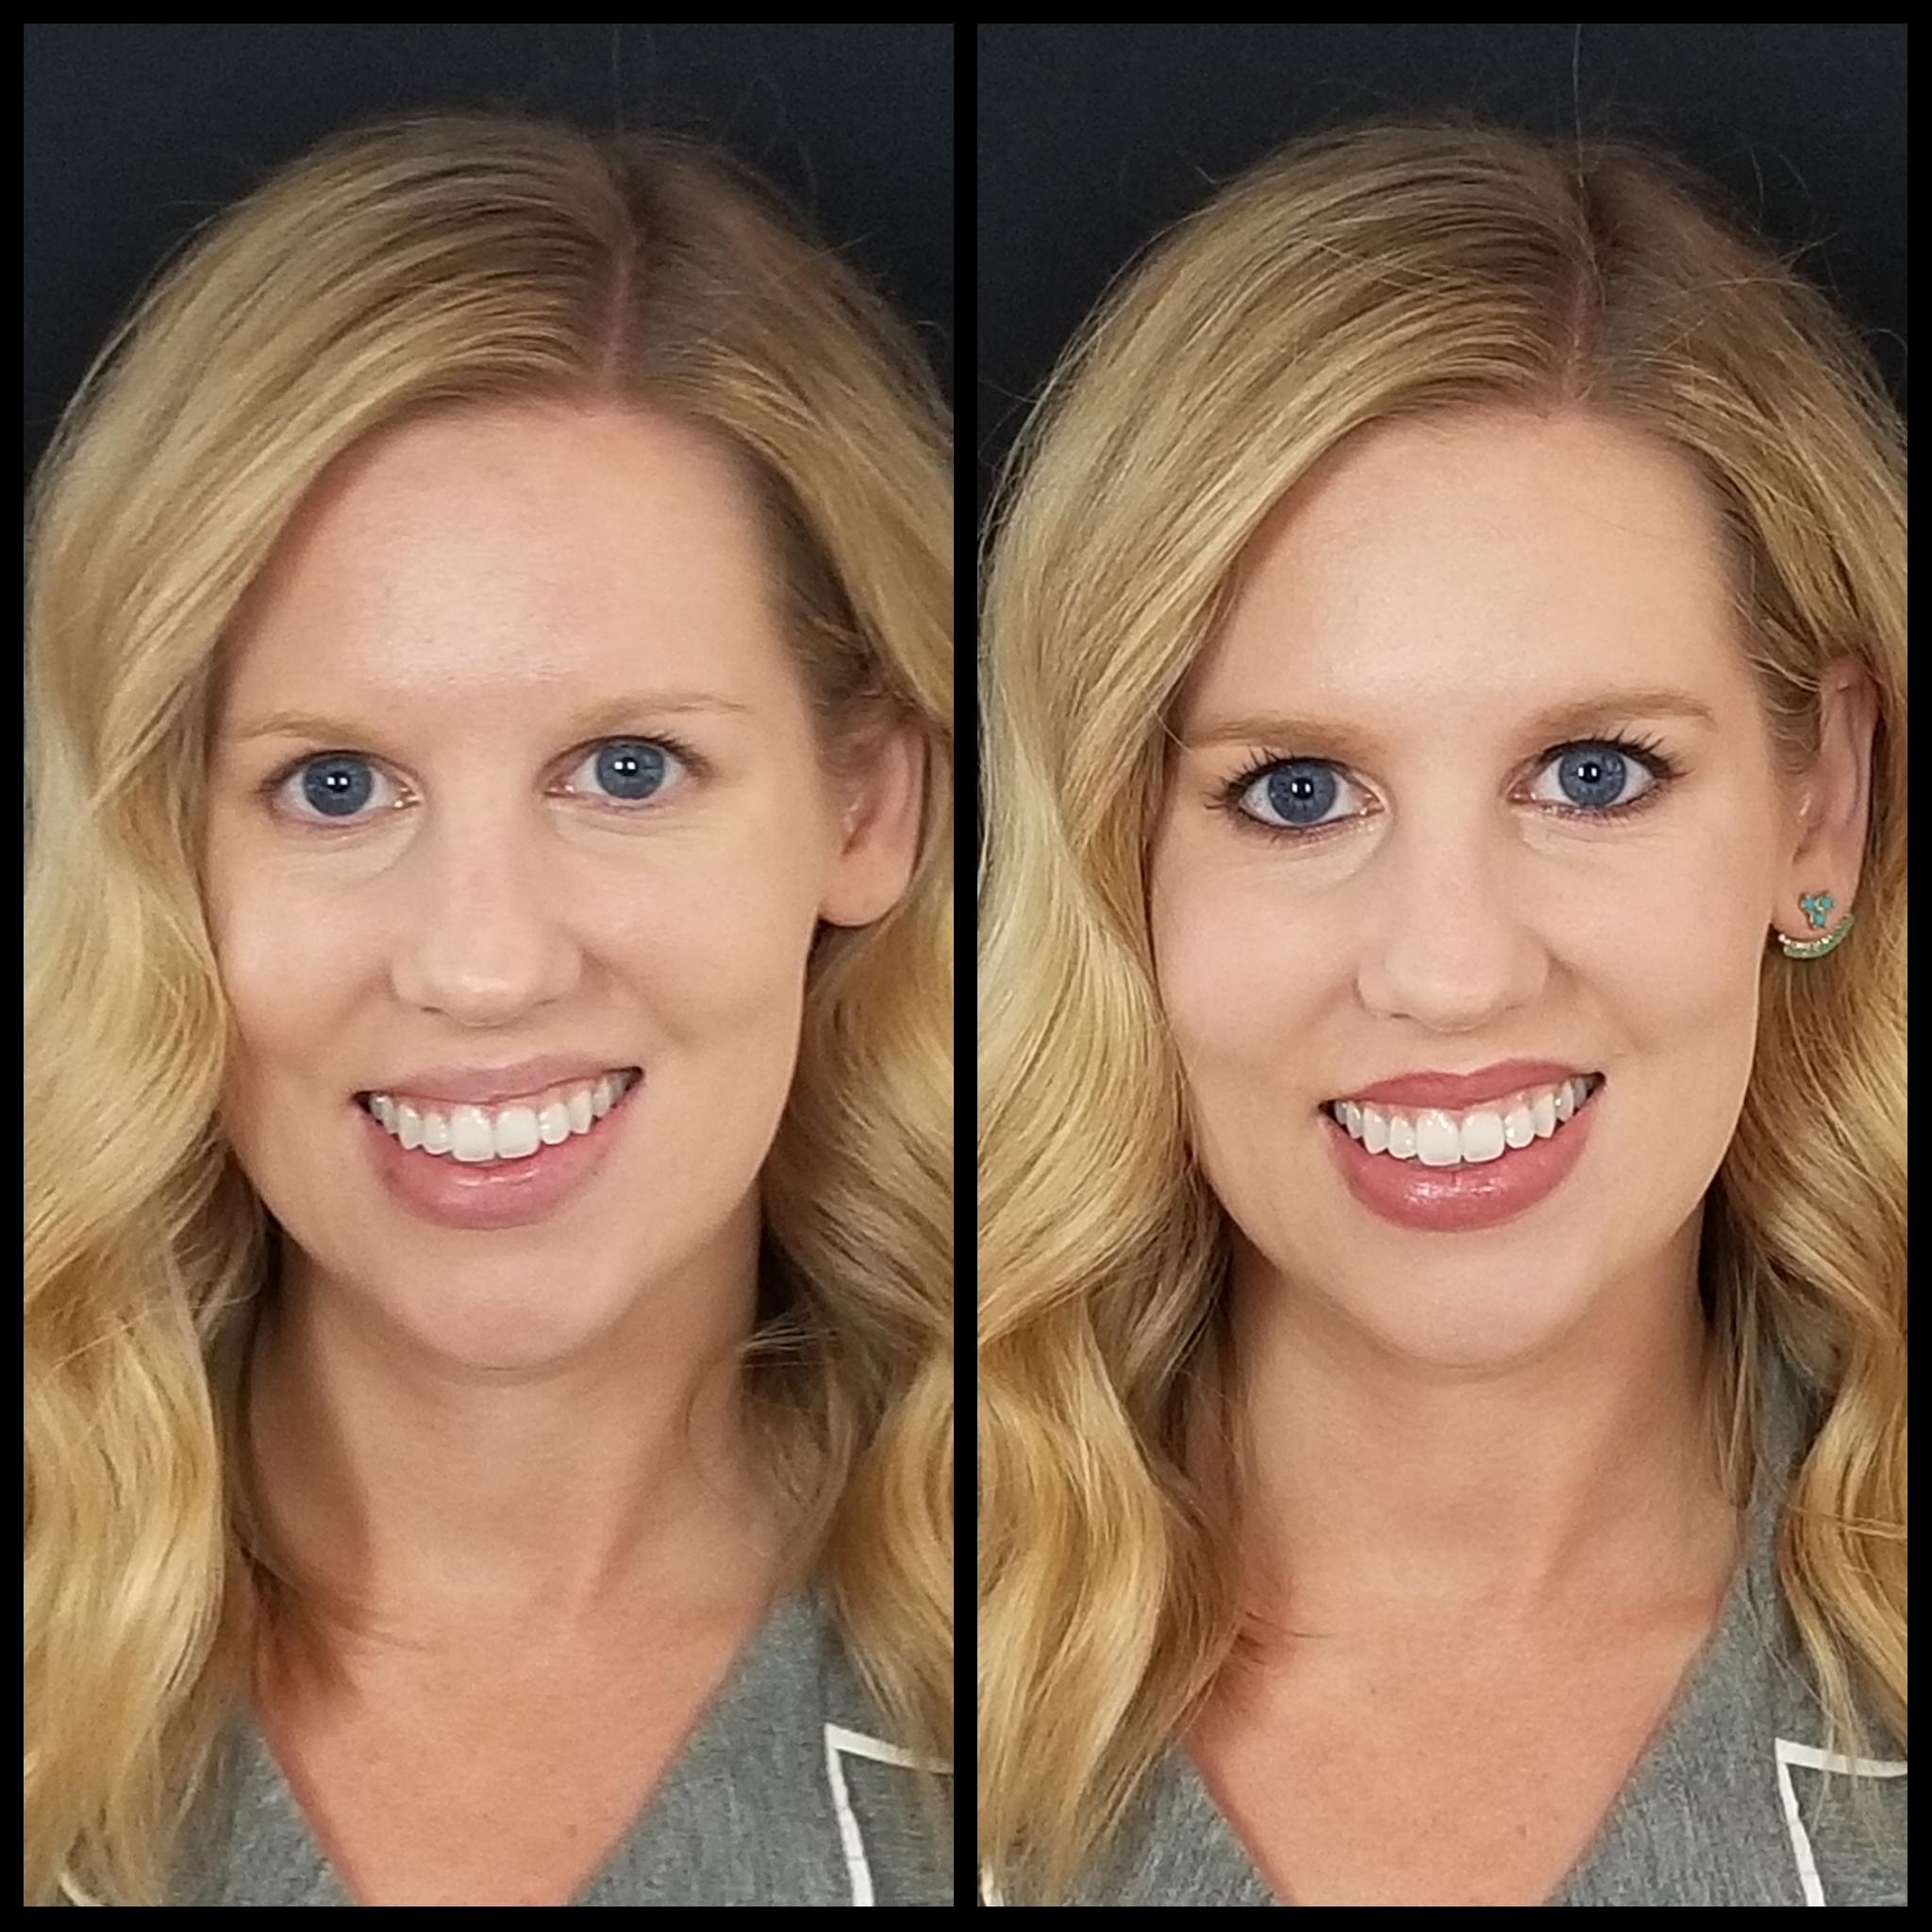 Luminous Beauty Makeup Artist Hooded Eye Makeup Wedding Makeup.jpg